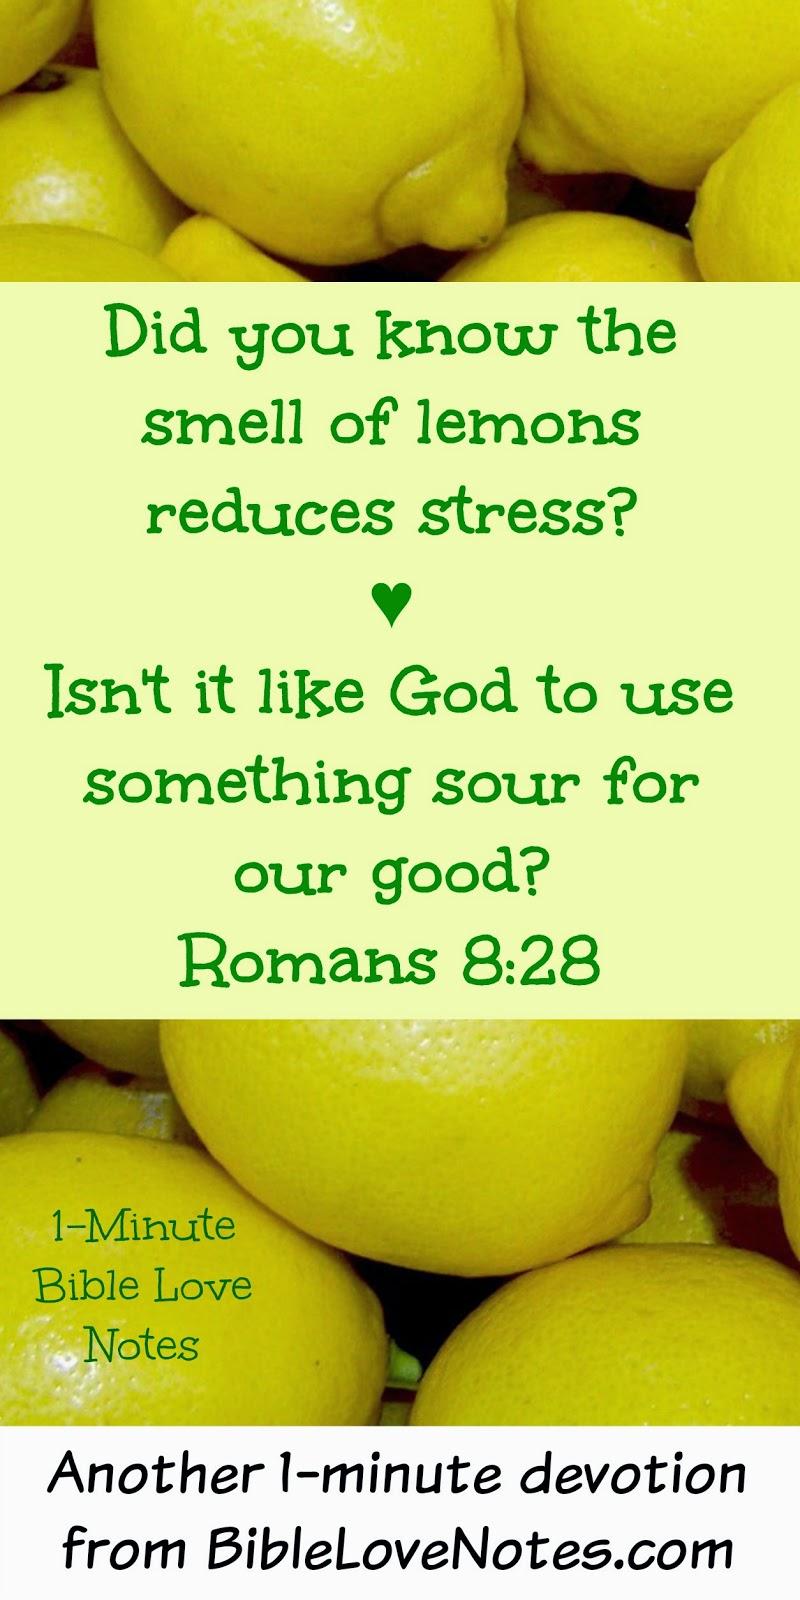 Lemons, Benefits of Lemons, Romans 8:28, God uses something sour for our good